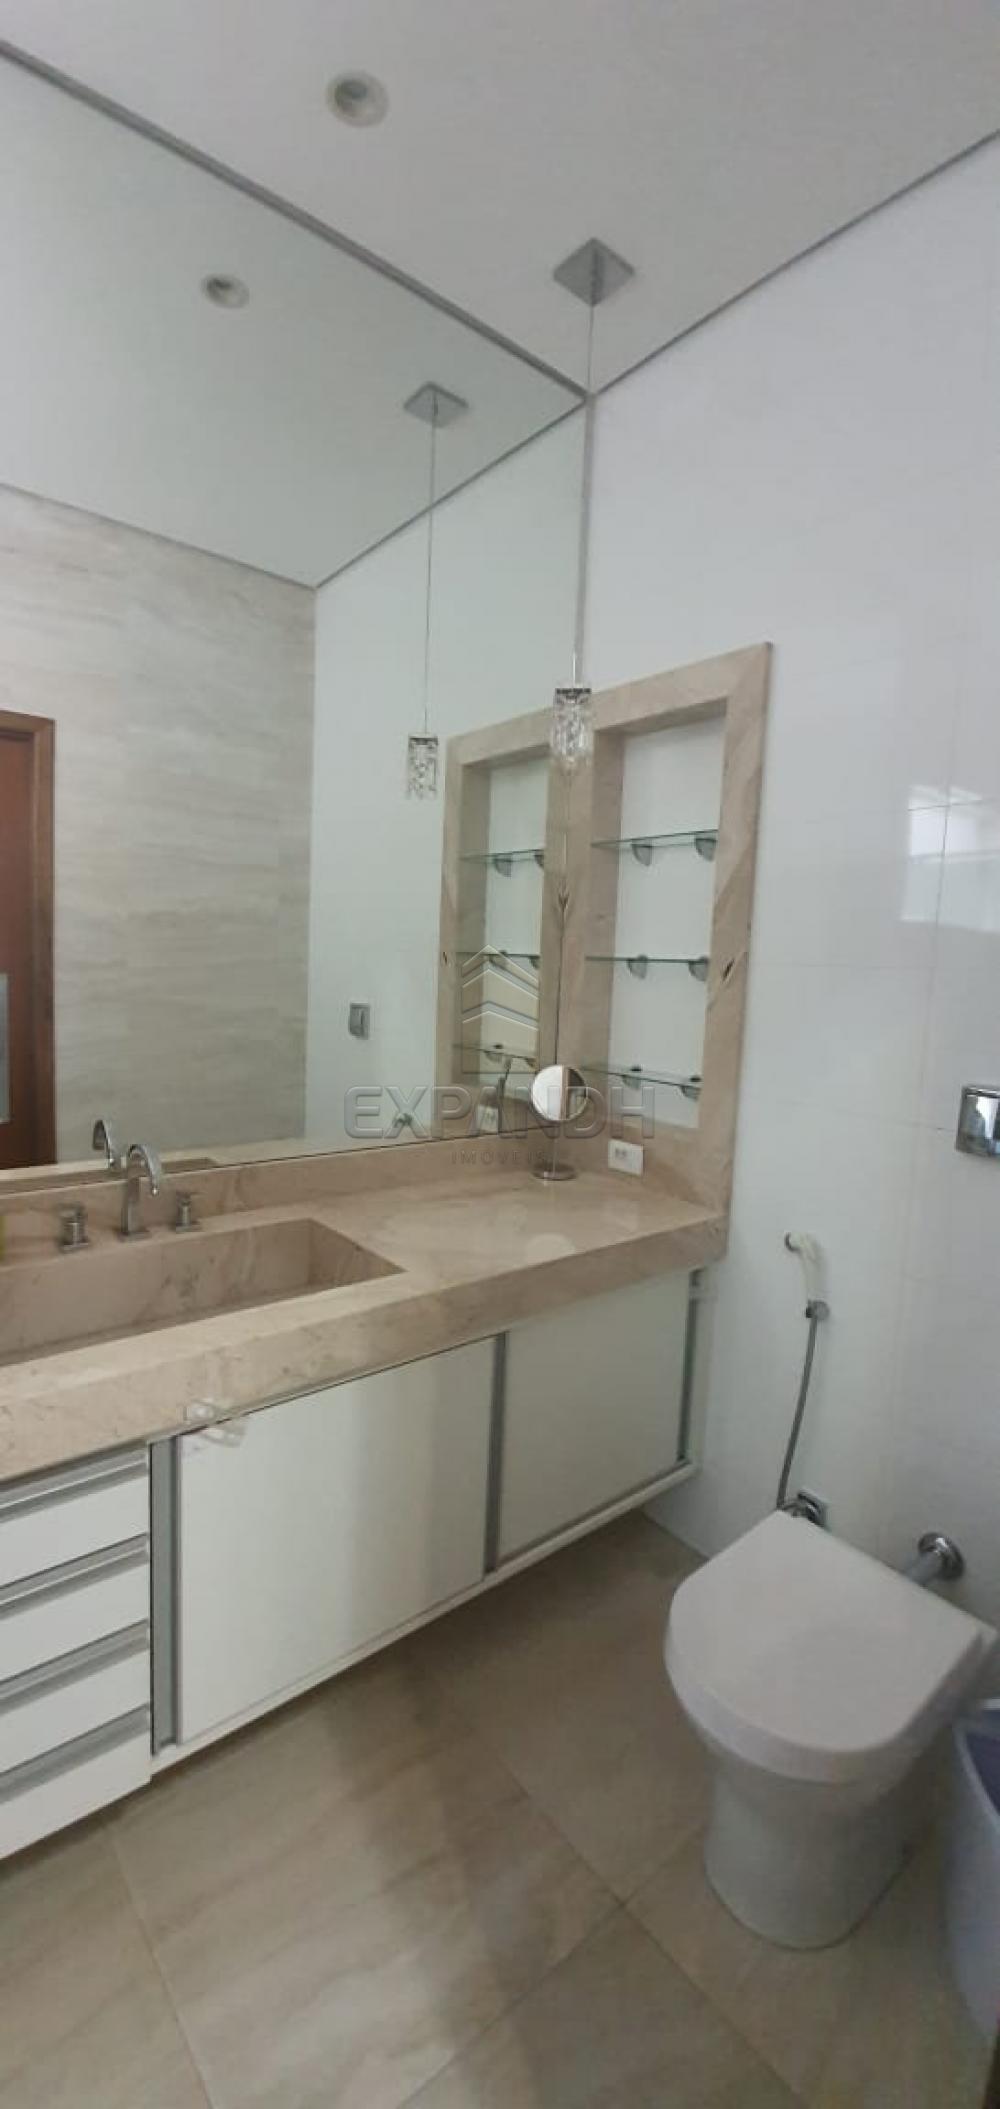 Comprar Casas / Padrão em Sertãozinho R$ 590.000,00 - Foto 24